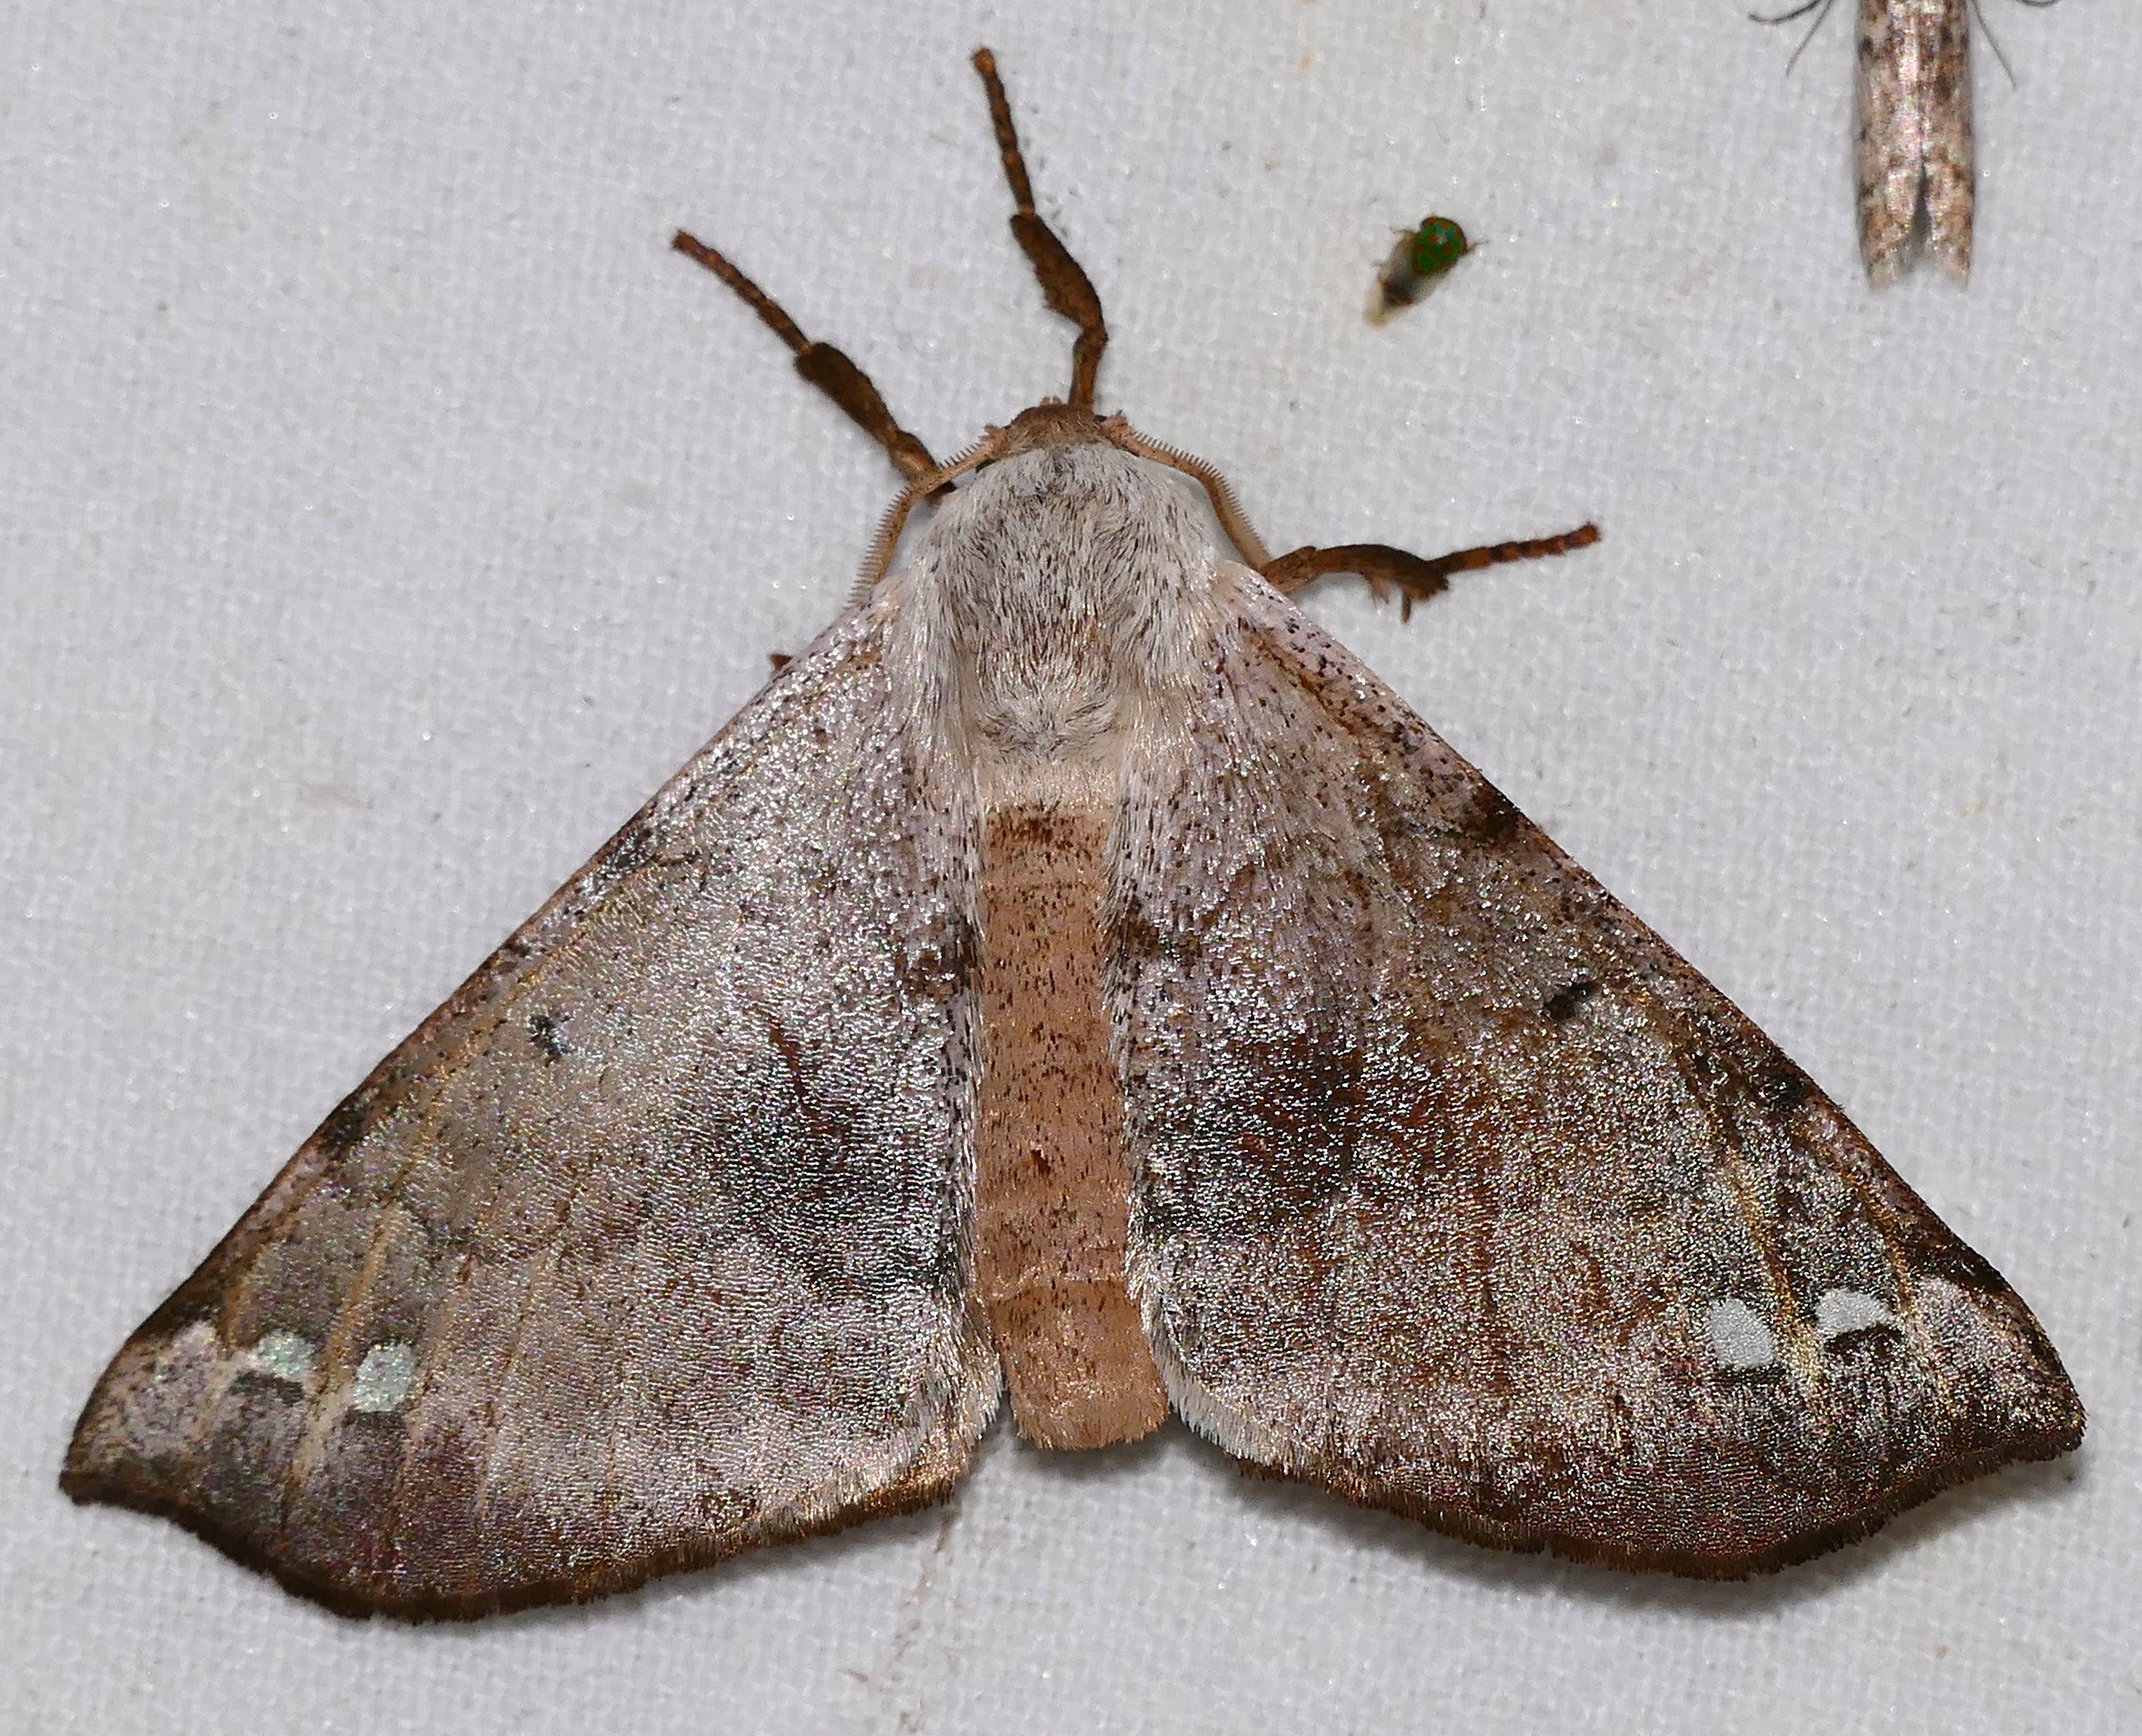 Sưu tập Bộ cánh vẩy  - Page 6 Apatelodid_Moth_%28Apatelodes_anna%29_%2826175179167%29